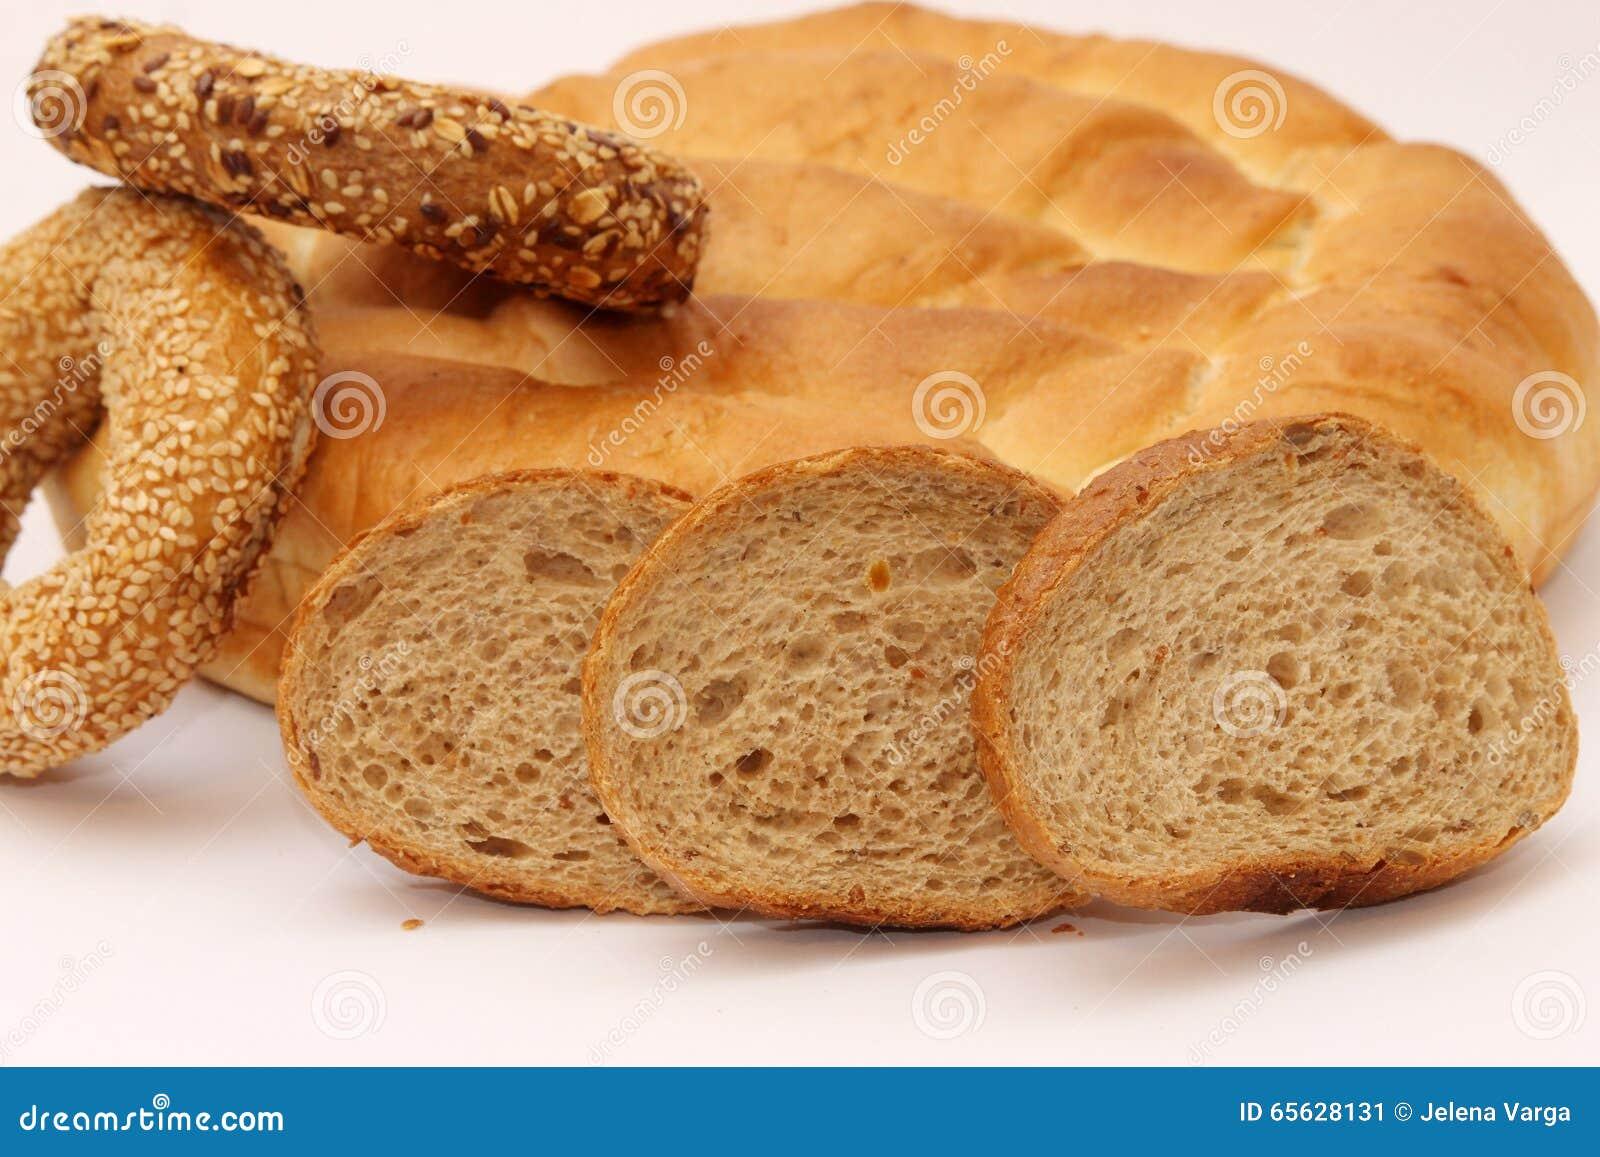 Pain et petits pains